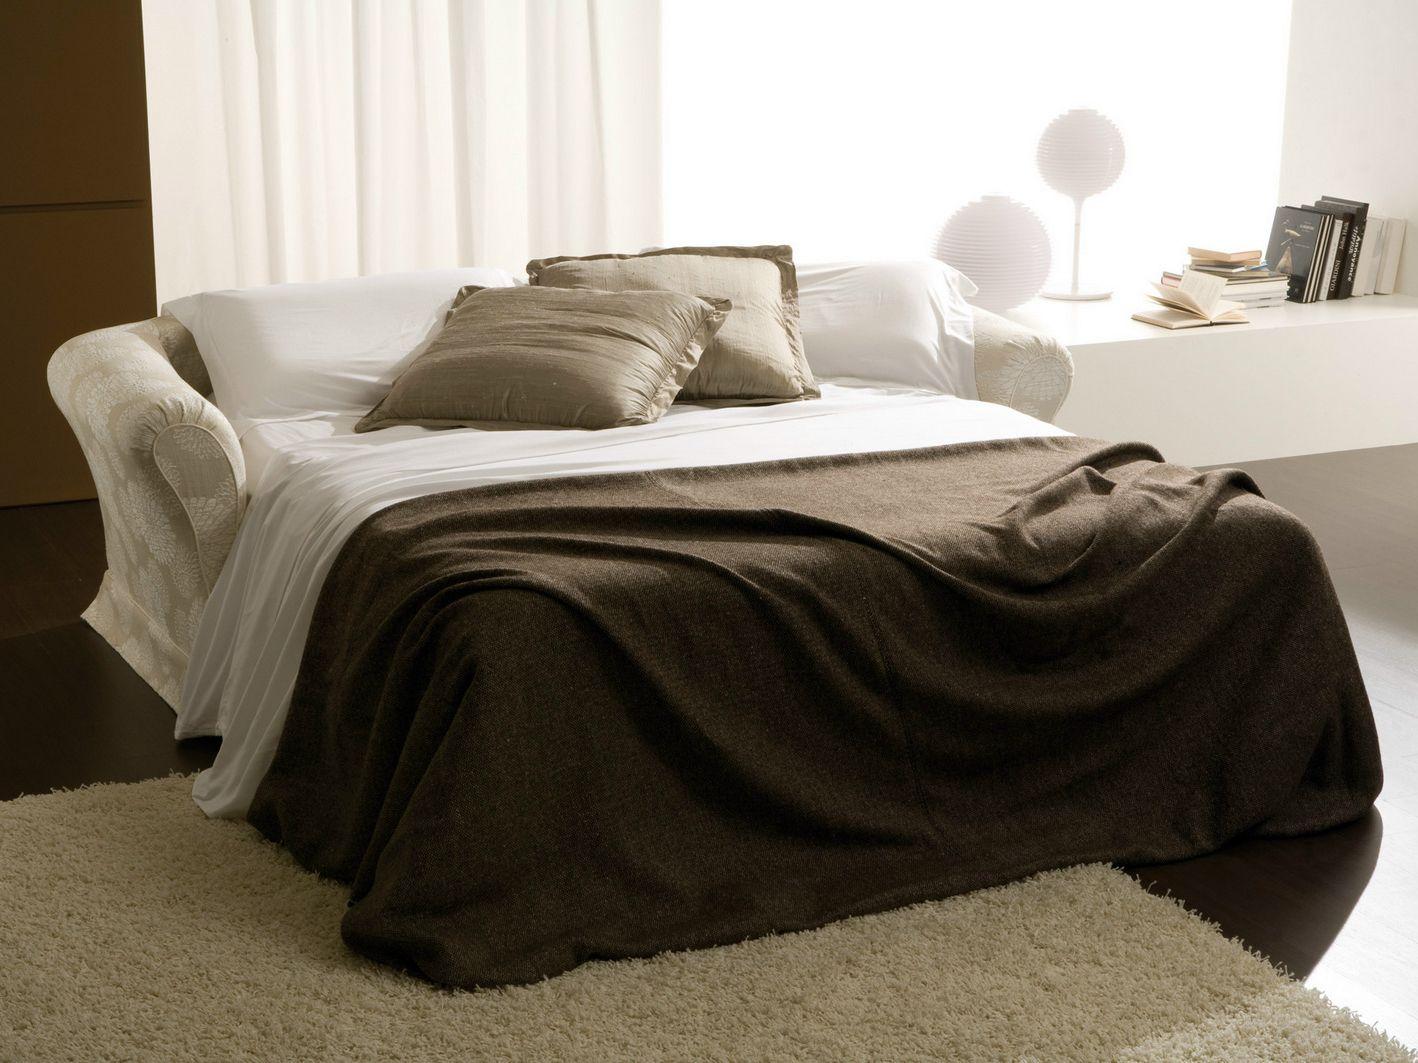 Sof cama 2 plazas dolcenuvola by bodema dise o studio r e s for Sillon cama de 2 plazas